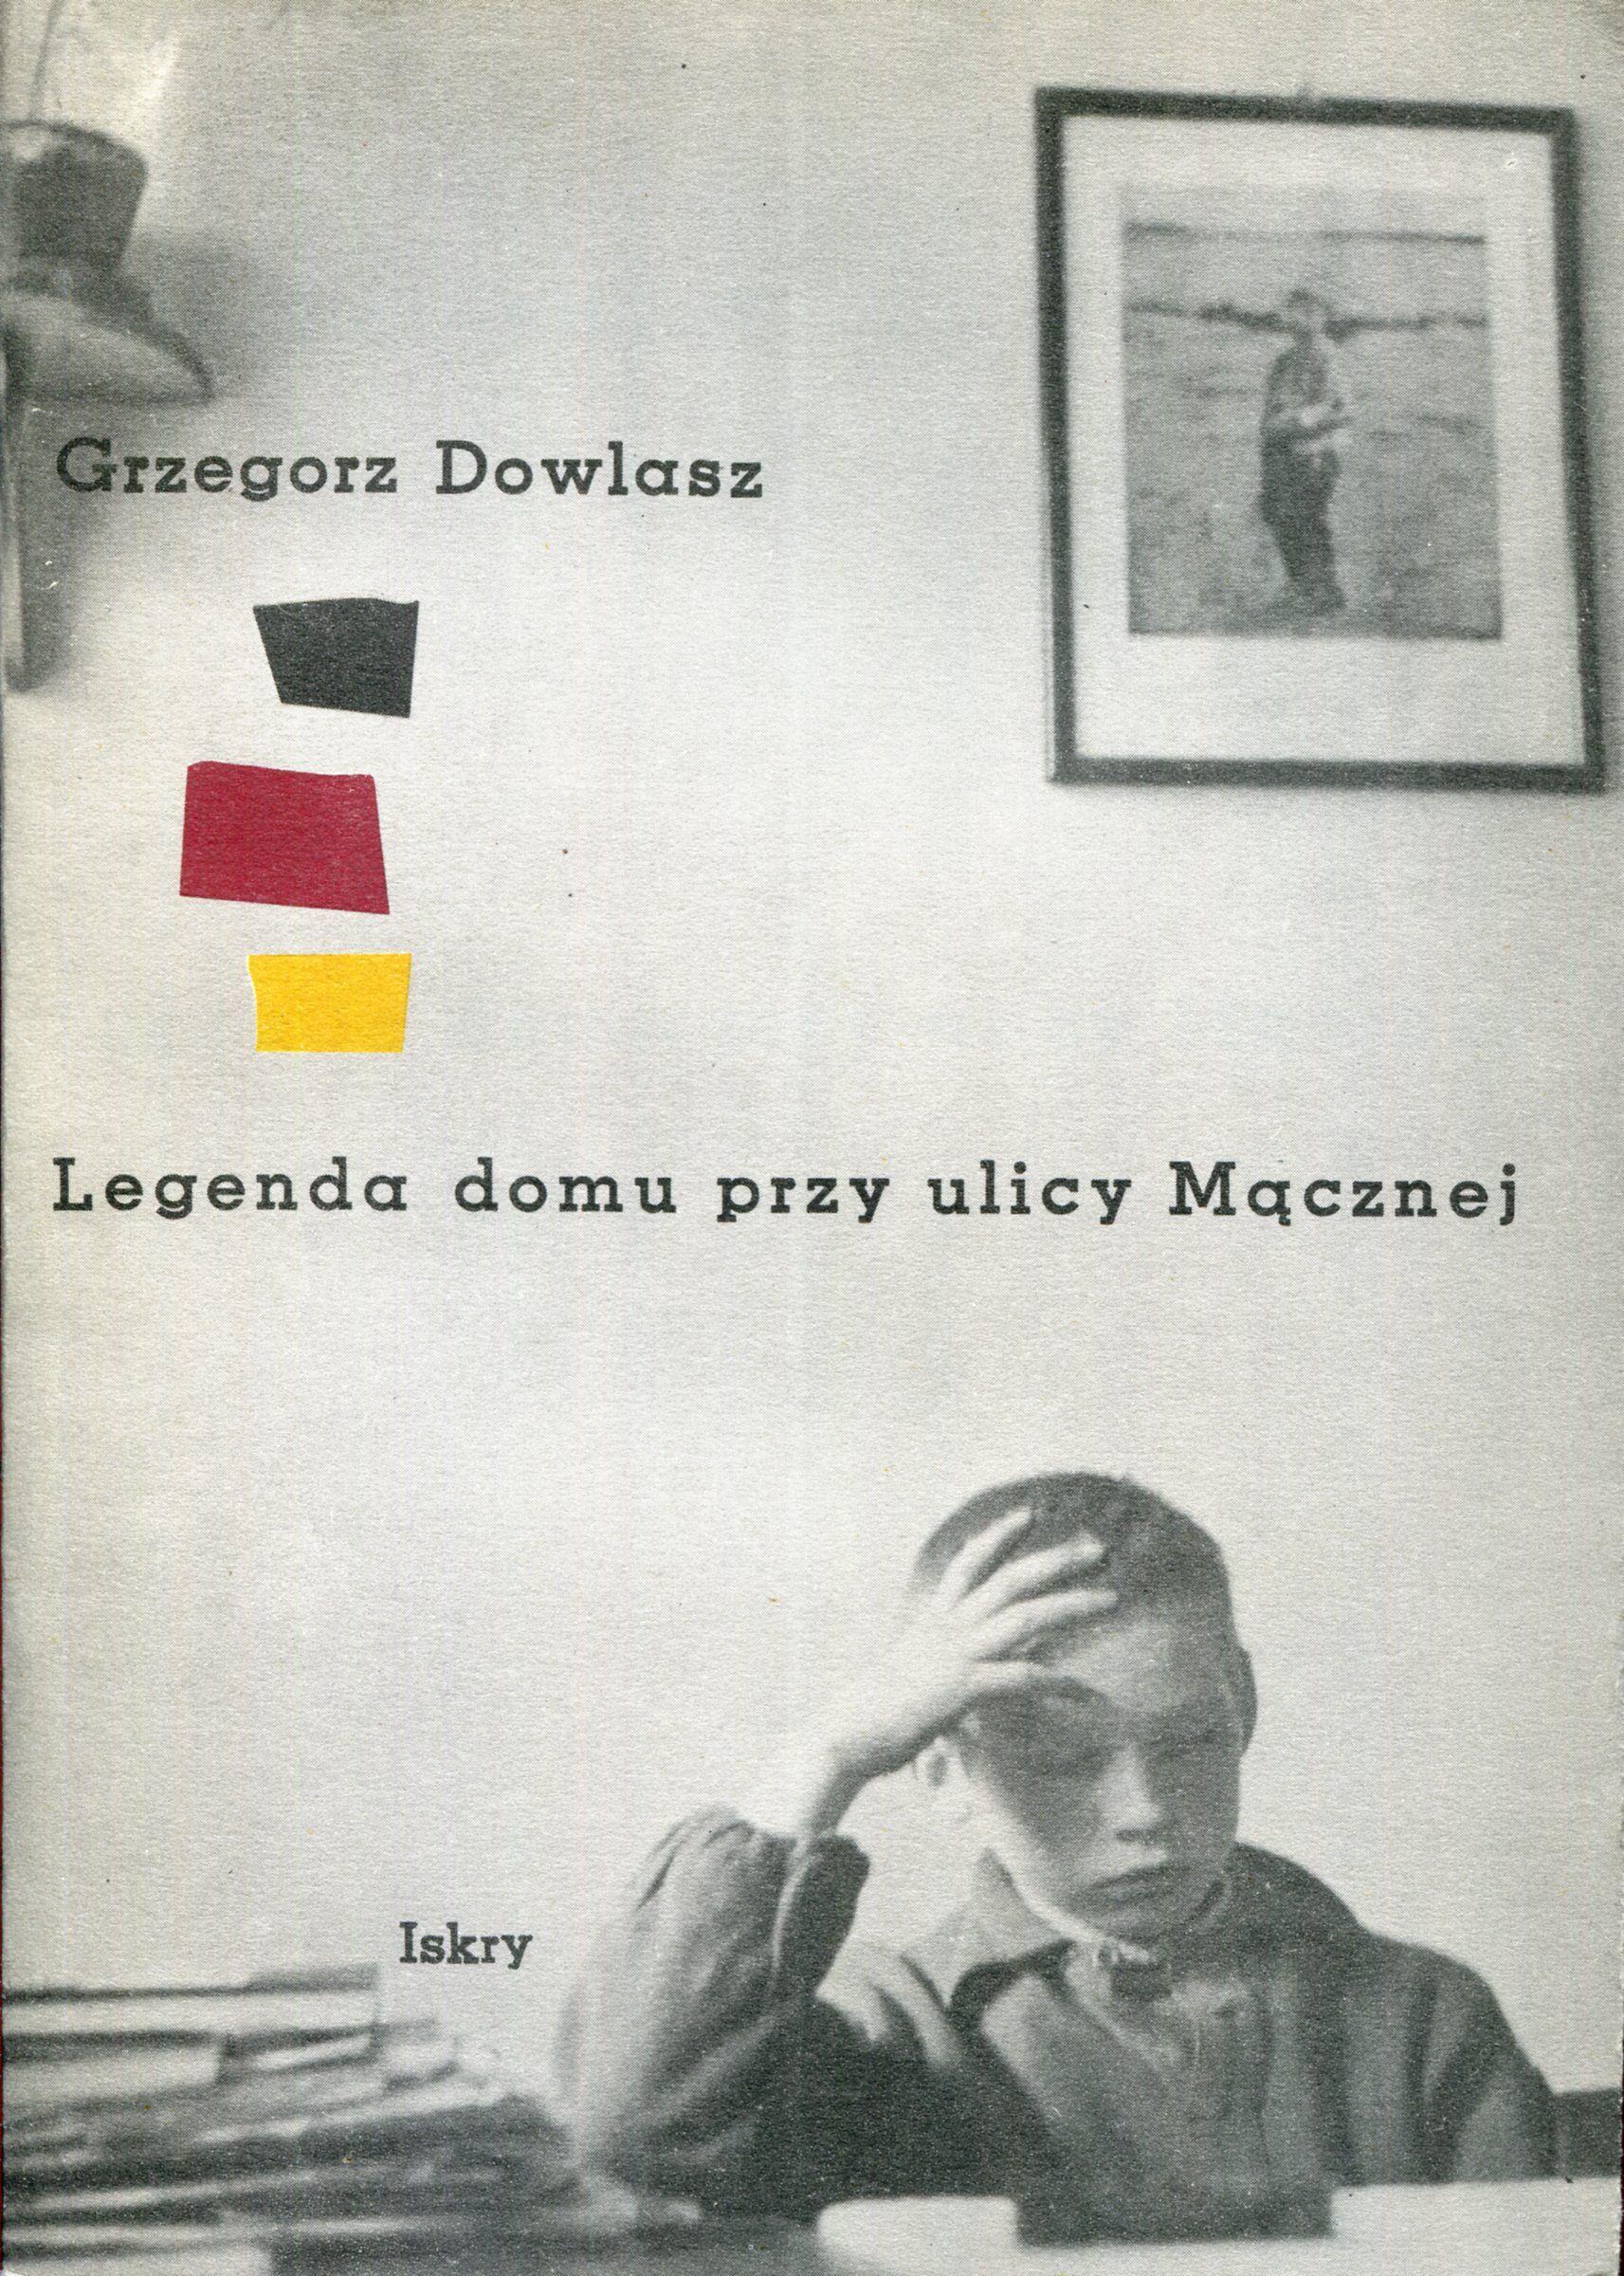 Grzegorz Dowlasz - Legenda domu przy ulicy Mącznej - Manufaktura Marzeń